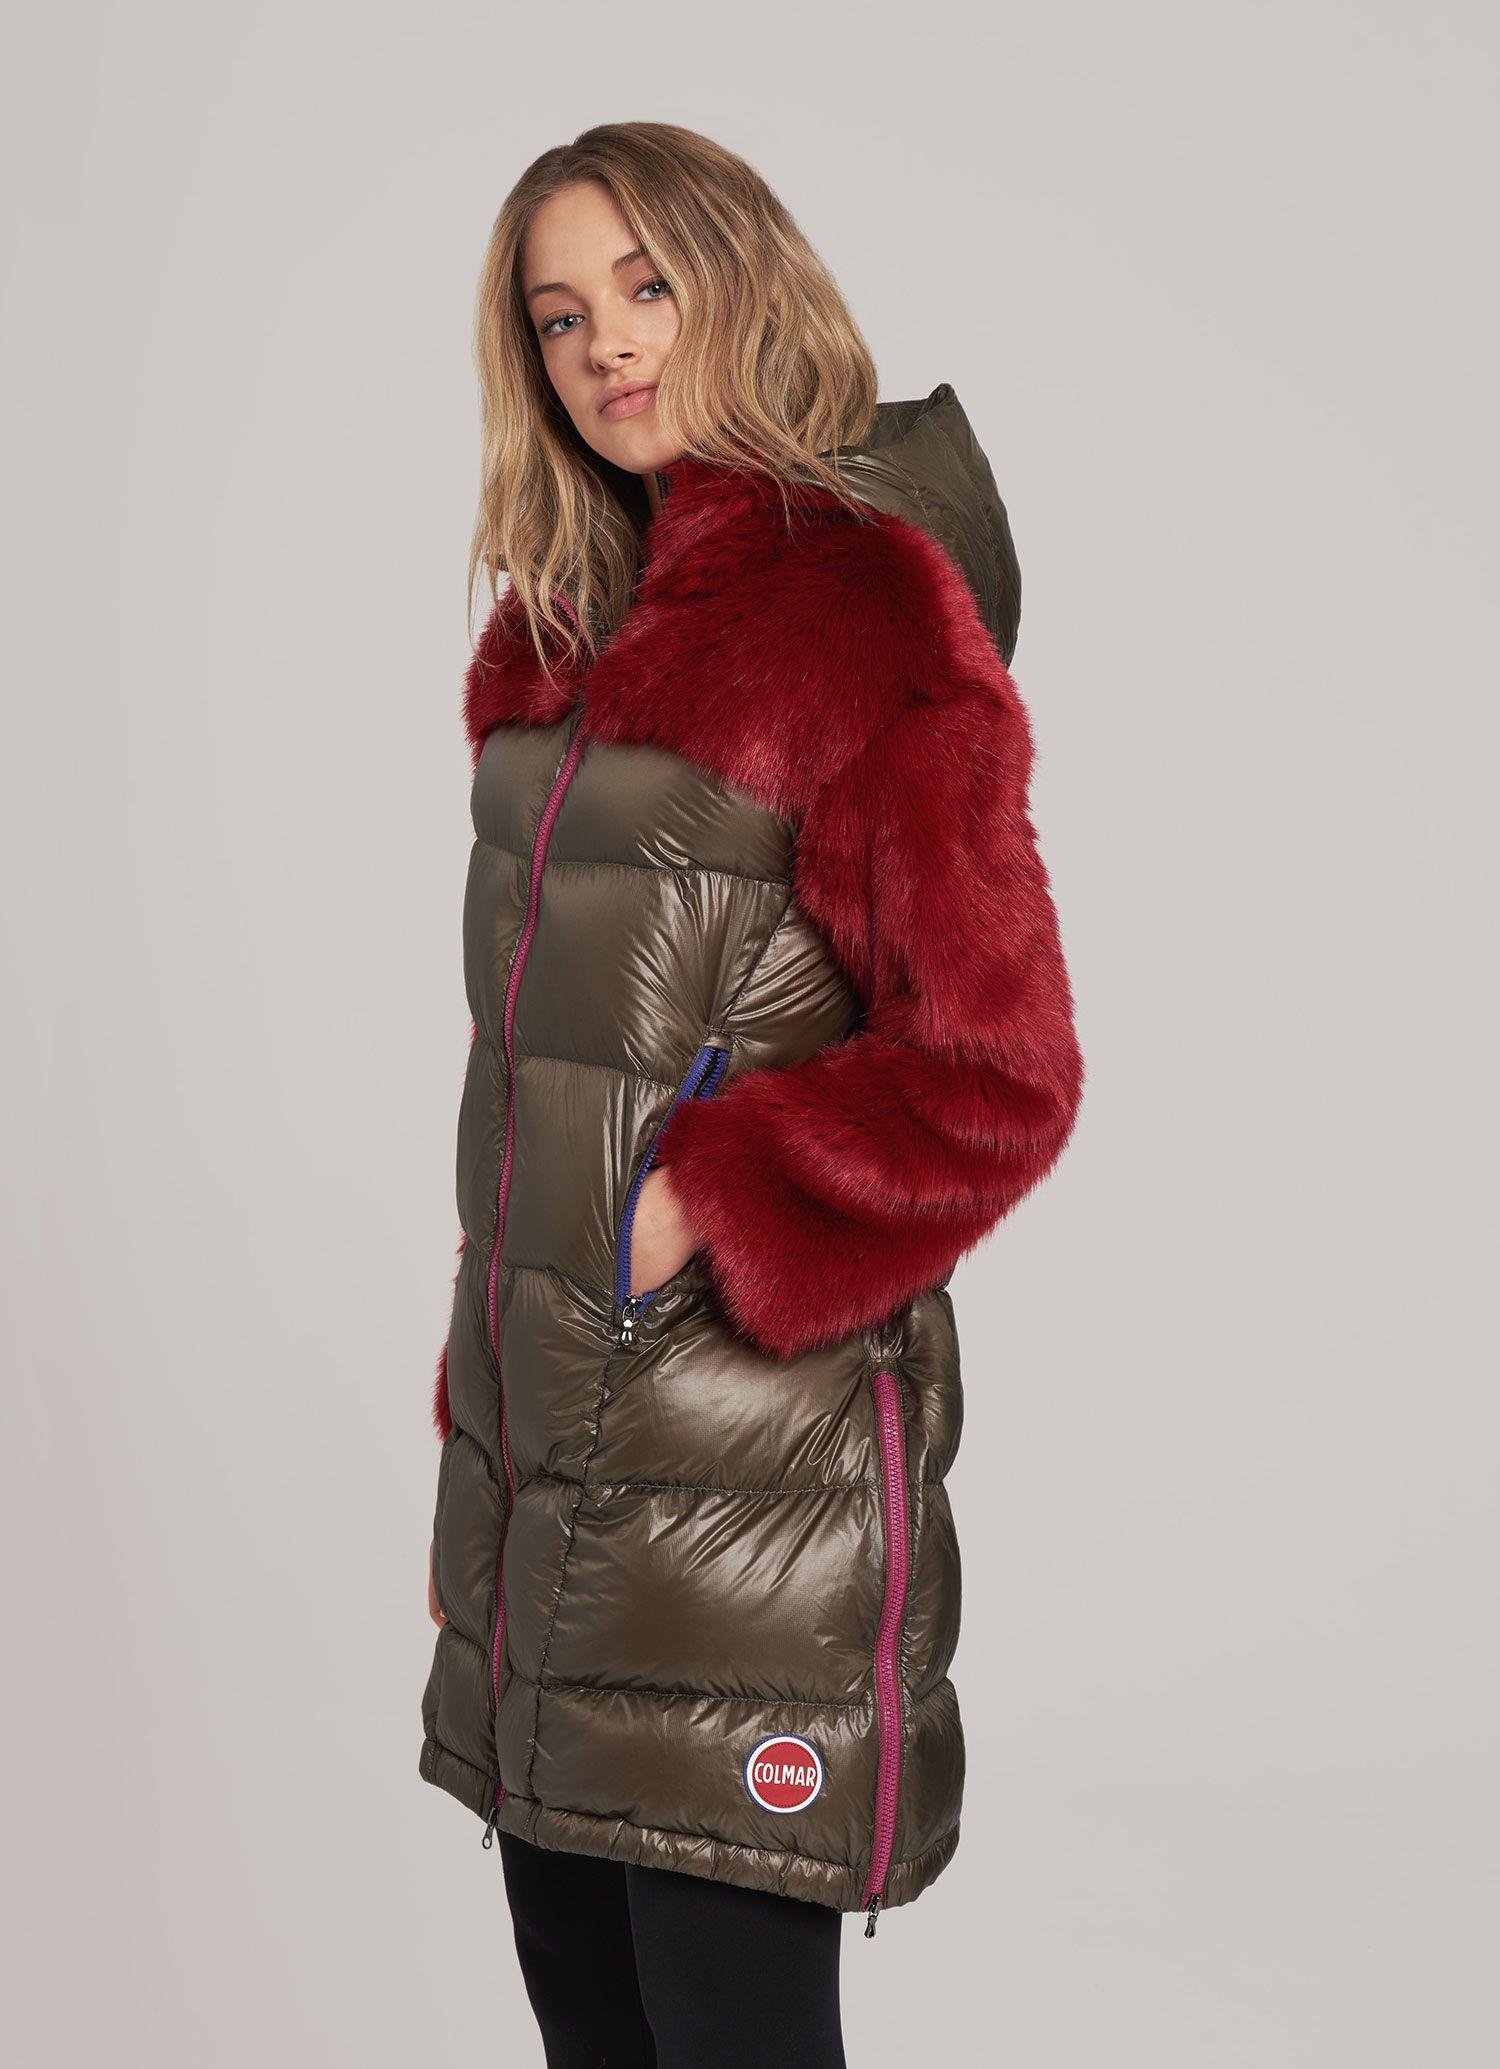 competitive price 4e775 4ec61 COLMAR Piumini Donna Collezione Inverno 2019 | The house of blog